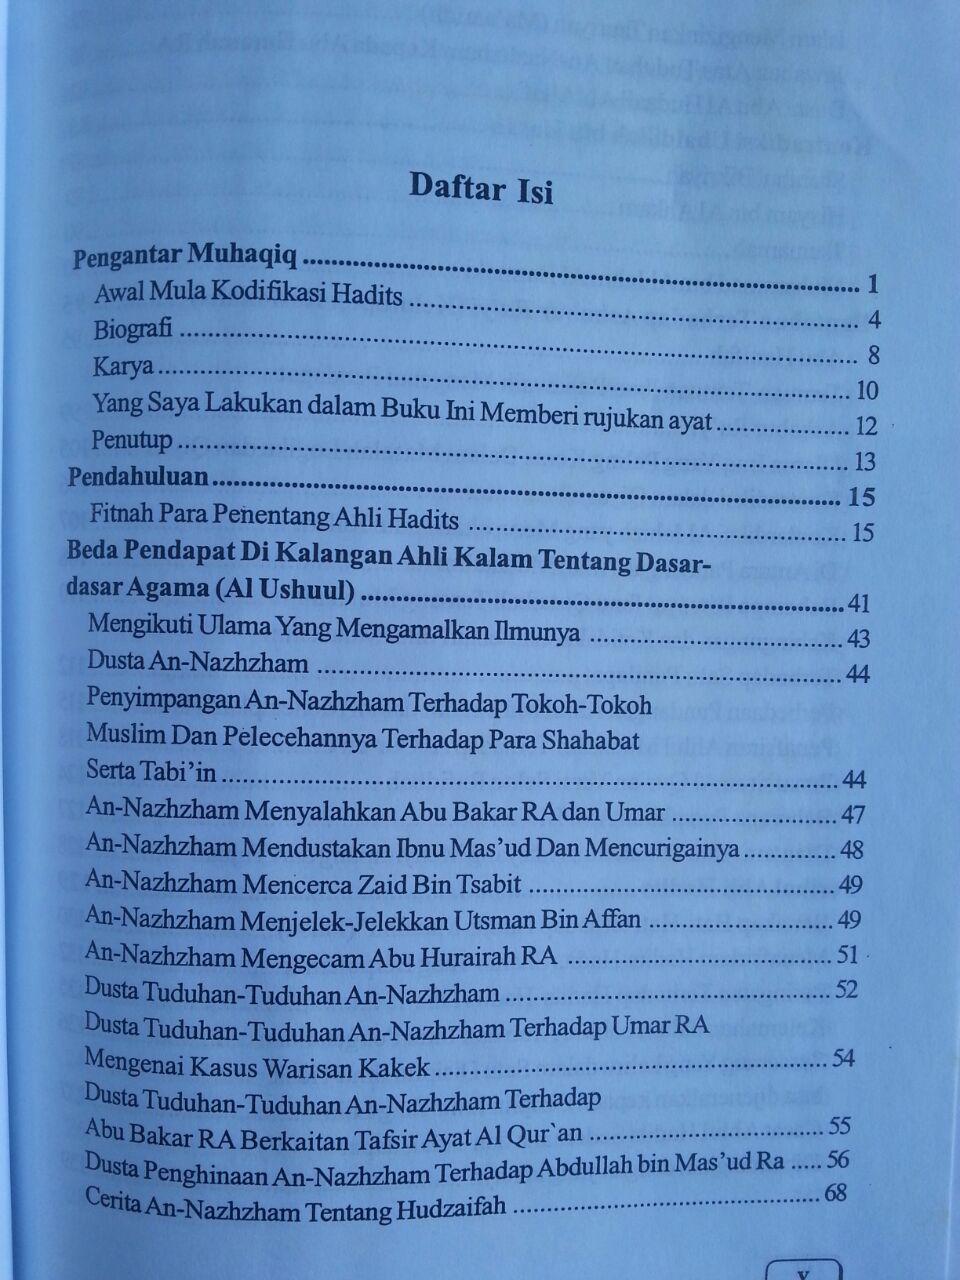 Buku Ta'wil Hadits-Hadits Yang Dinilai Kontrakdiktif isi 2